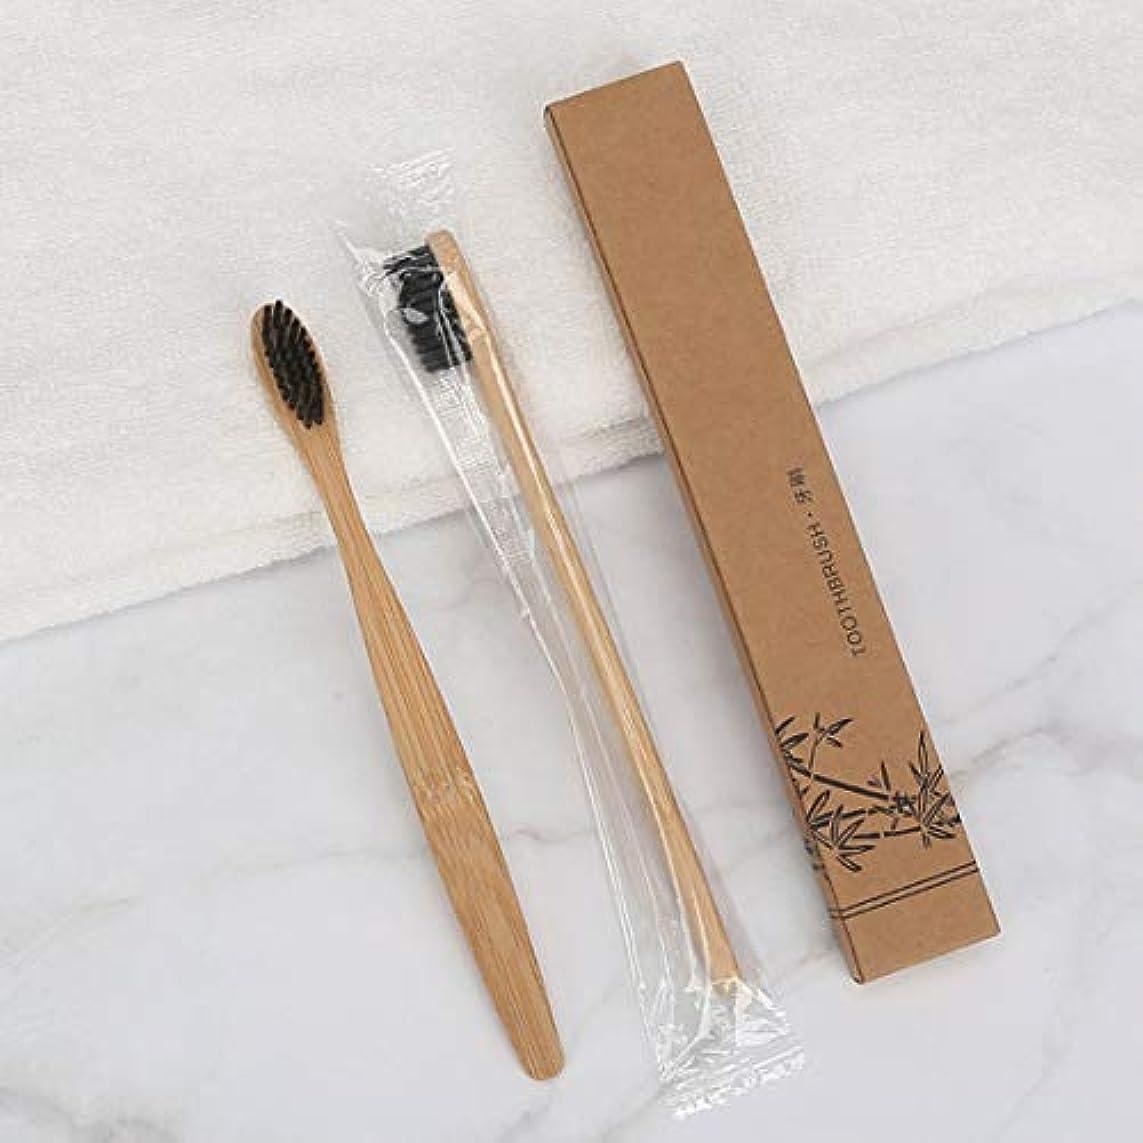 傷つけるアラバマ降下竹の歯ブラシ竹の歯ブラシ竹の歯ブラシ天然の竹のハンドル木材健康環境にやさしいやわらかい髪(黒)